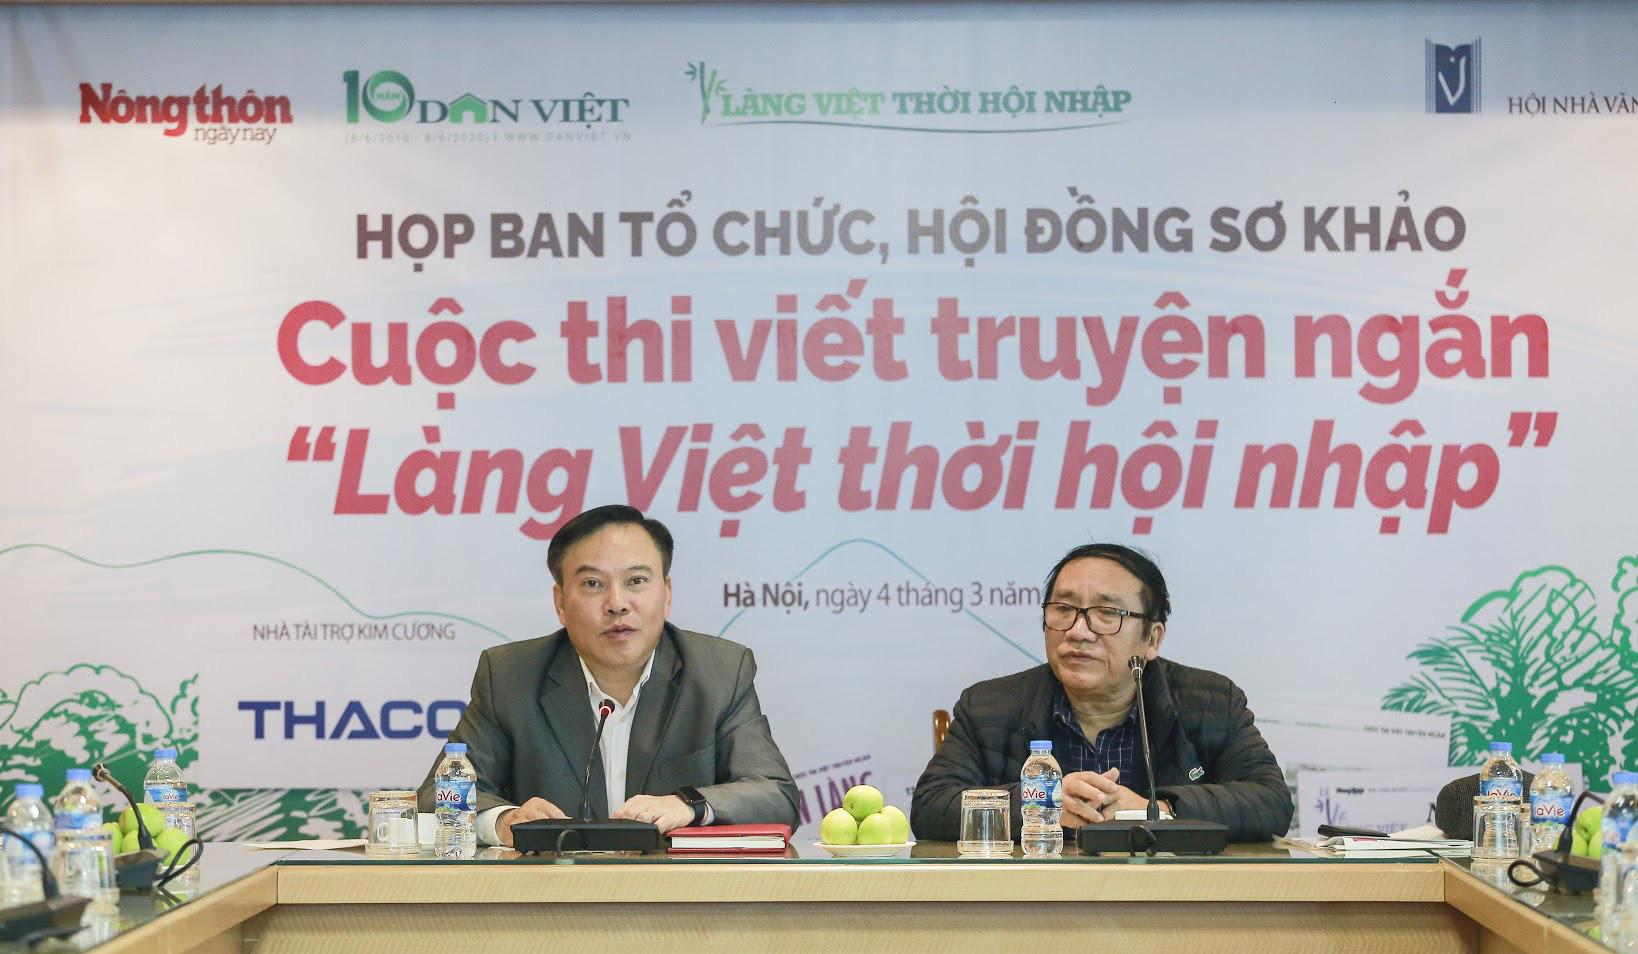 """""""Làng Việt thời hội nhập"""": Tác phẩm đạt giải nhất phải thật sự xứng đáng - Ảnh 1."""